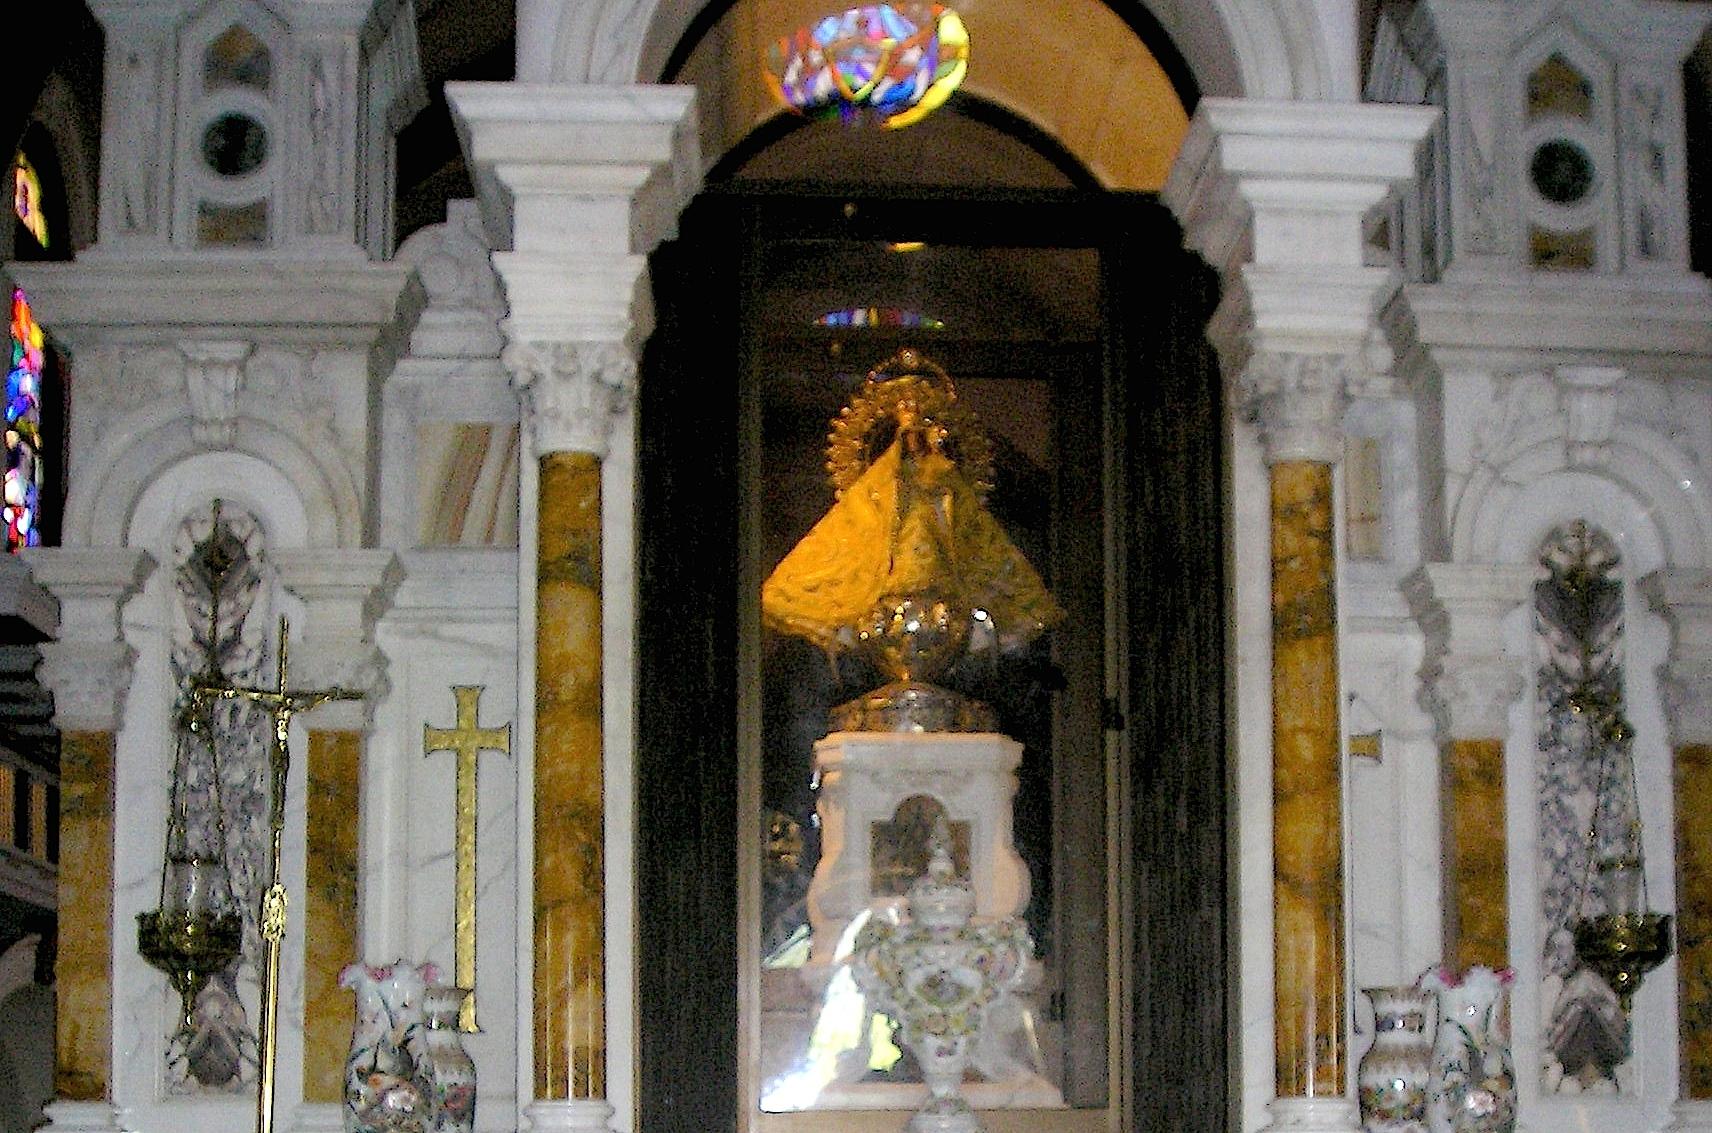 Virgen de la caridad del cobre  - Our Lady of Charity -  Virgin of Charity of Cobre